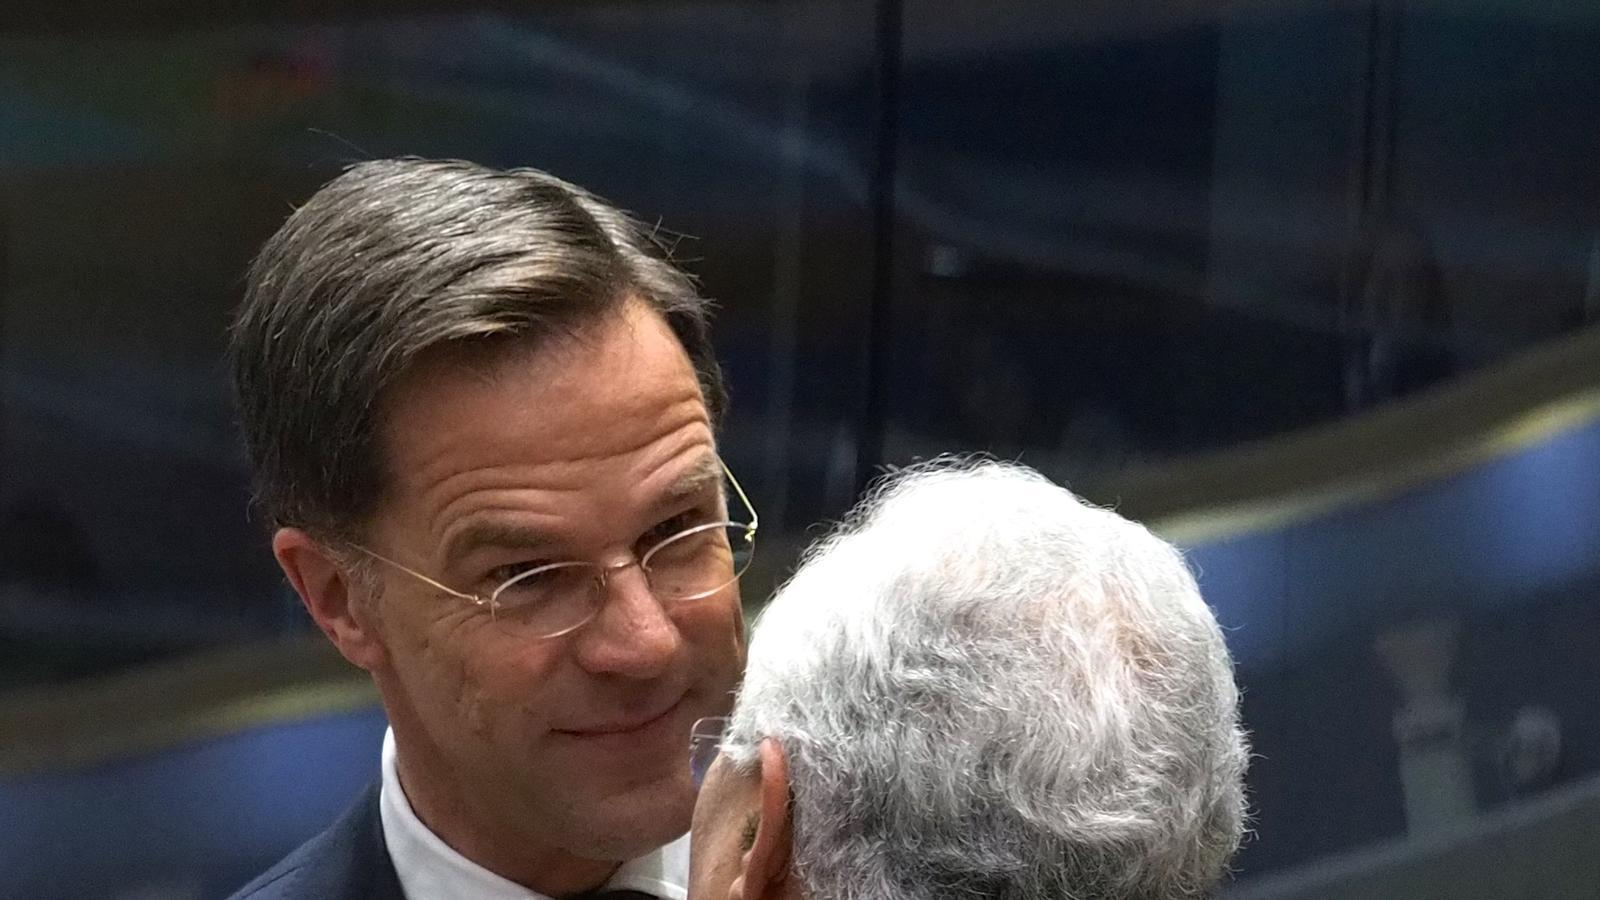 Els líders europeus es tiren els plats pel cap, dividits per la resposta econòmica al coronavirus